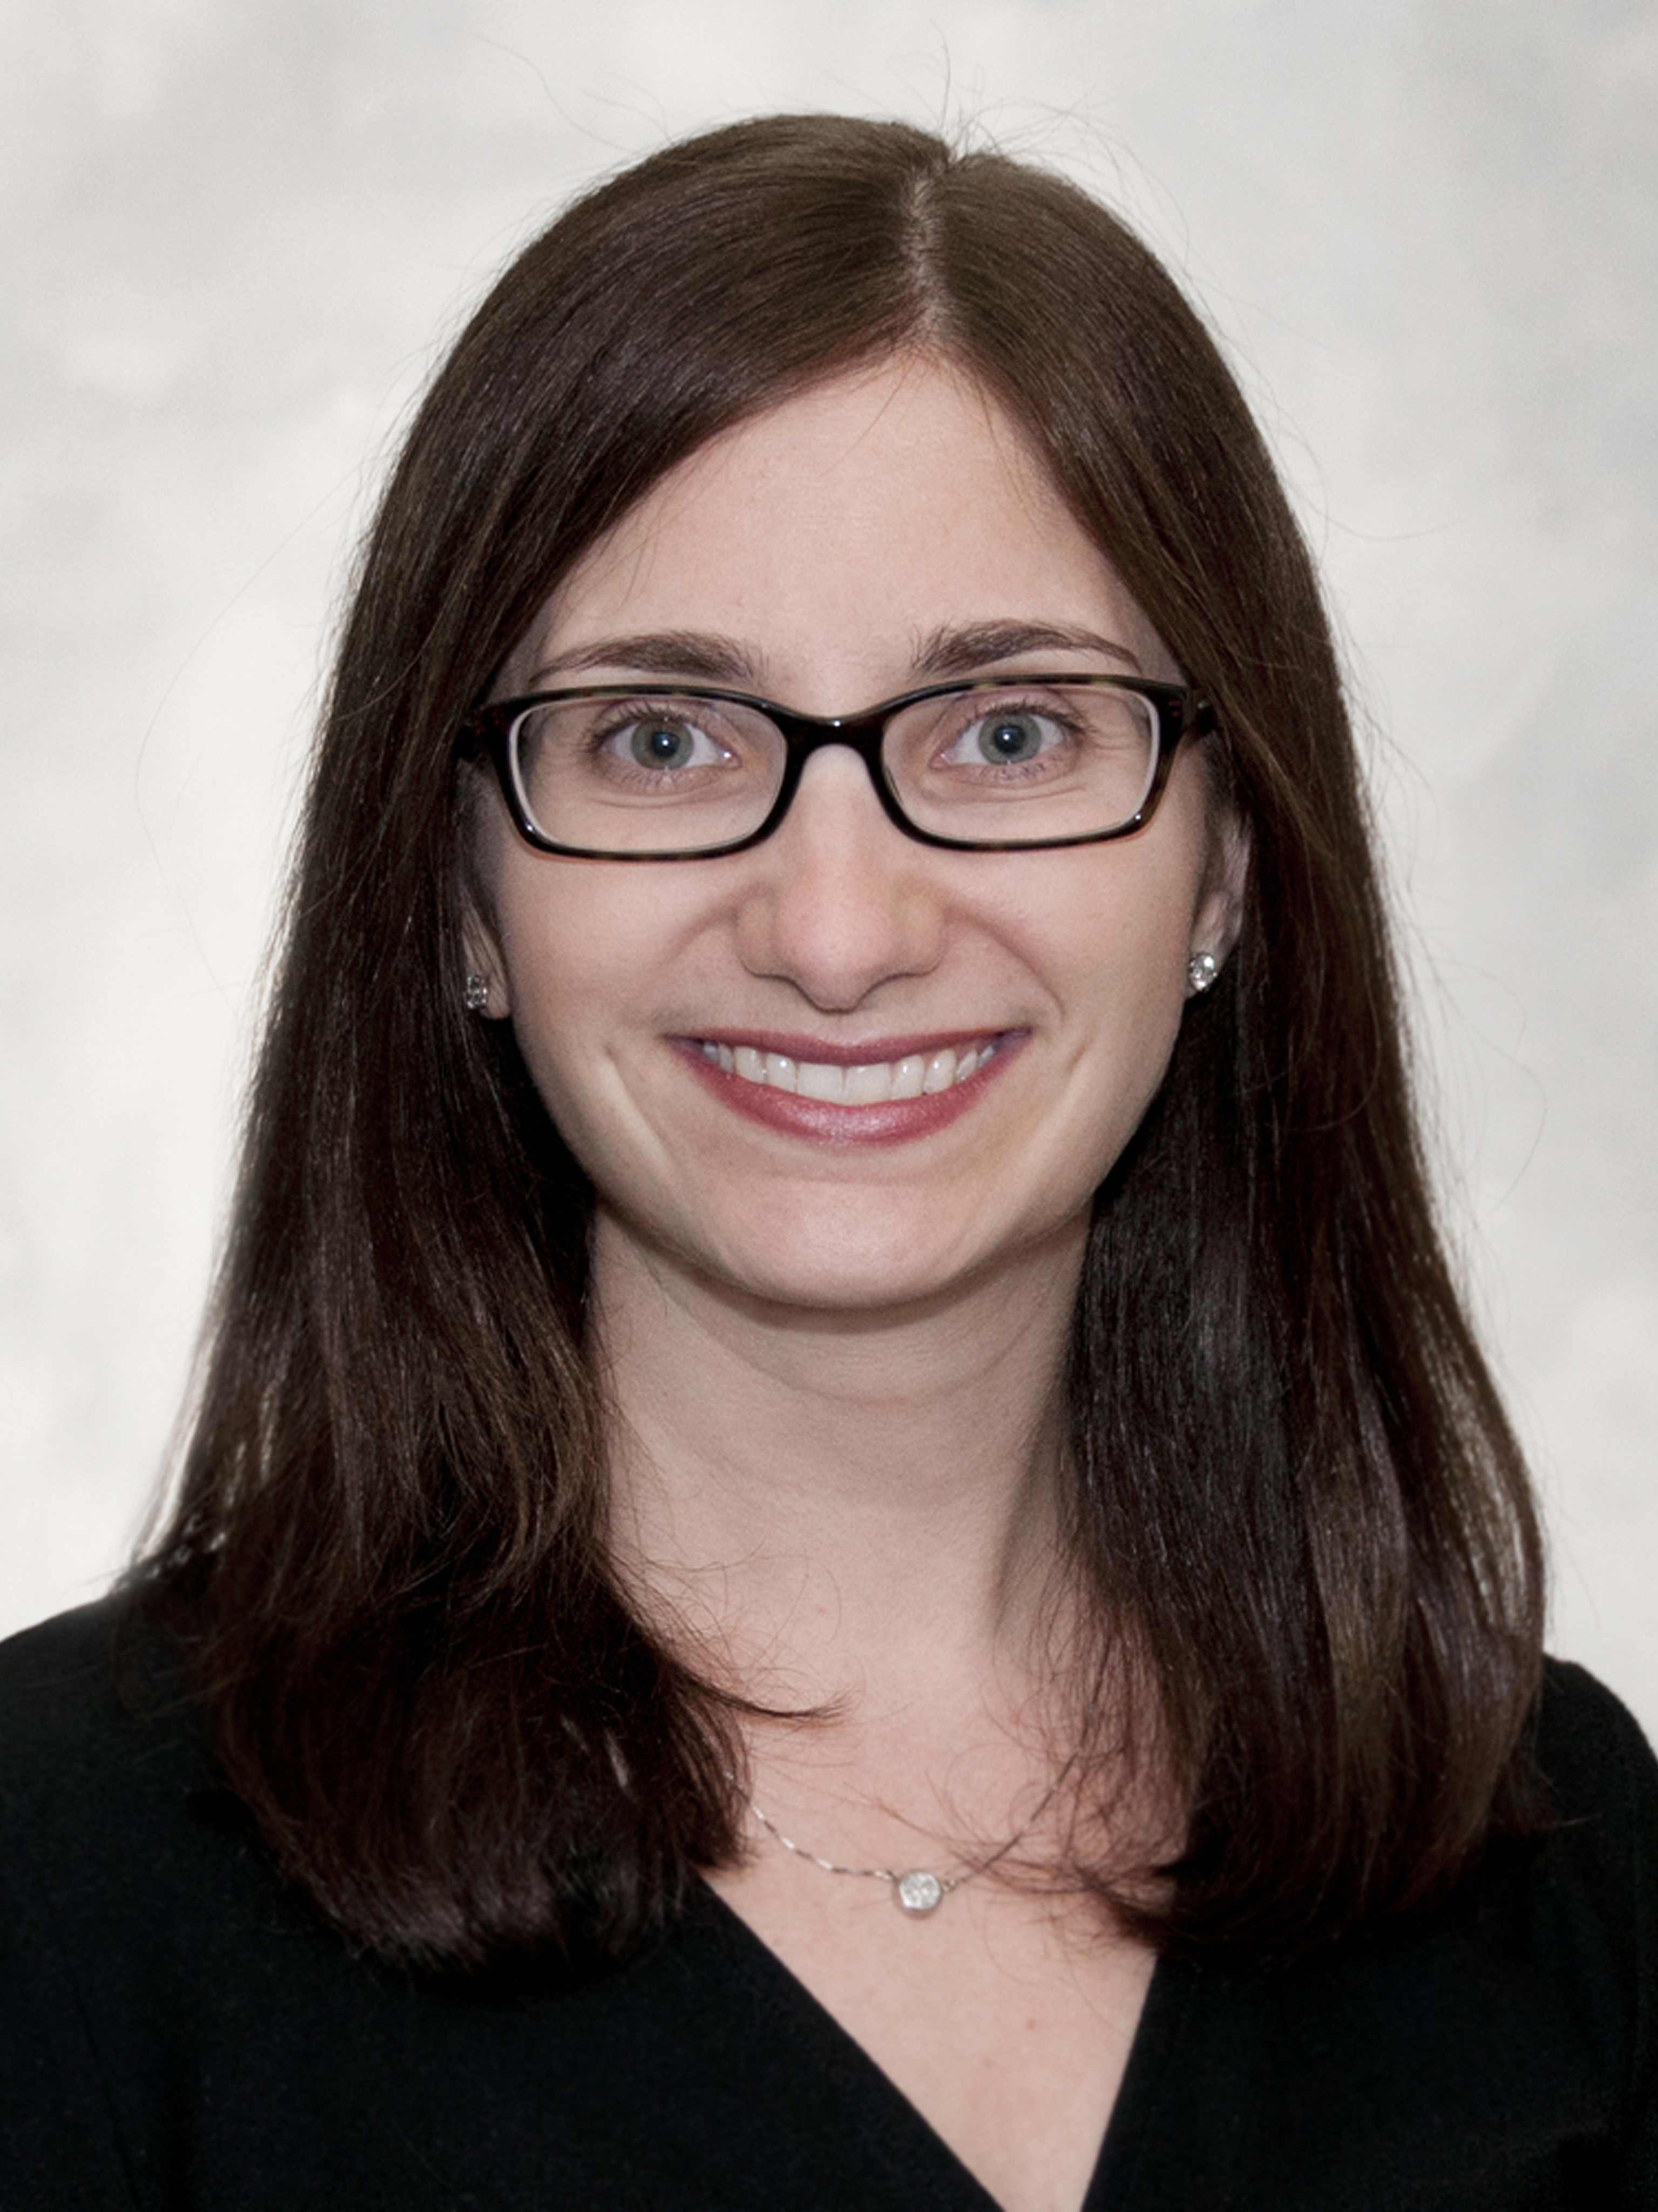 Laura Sheiman